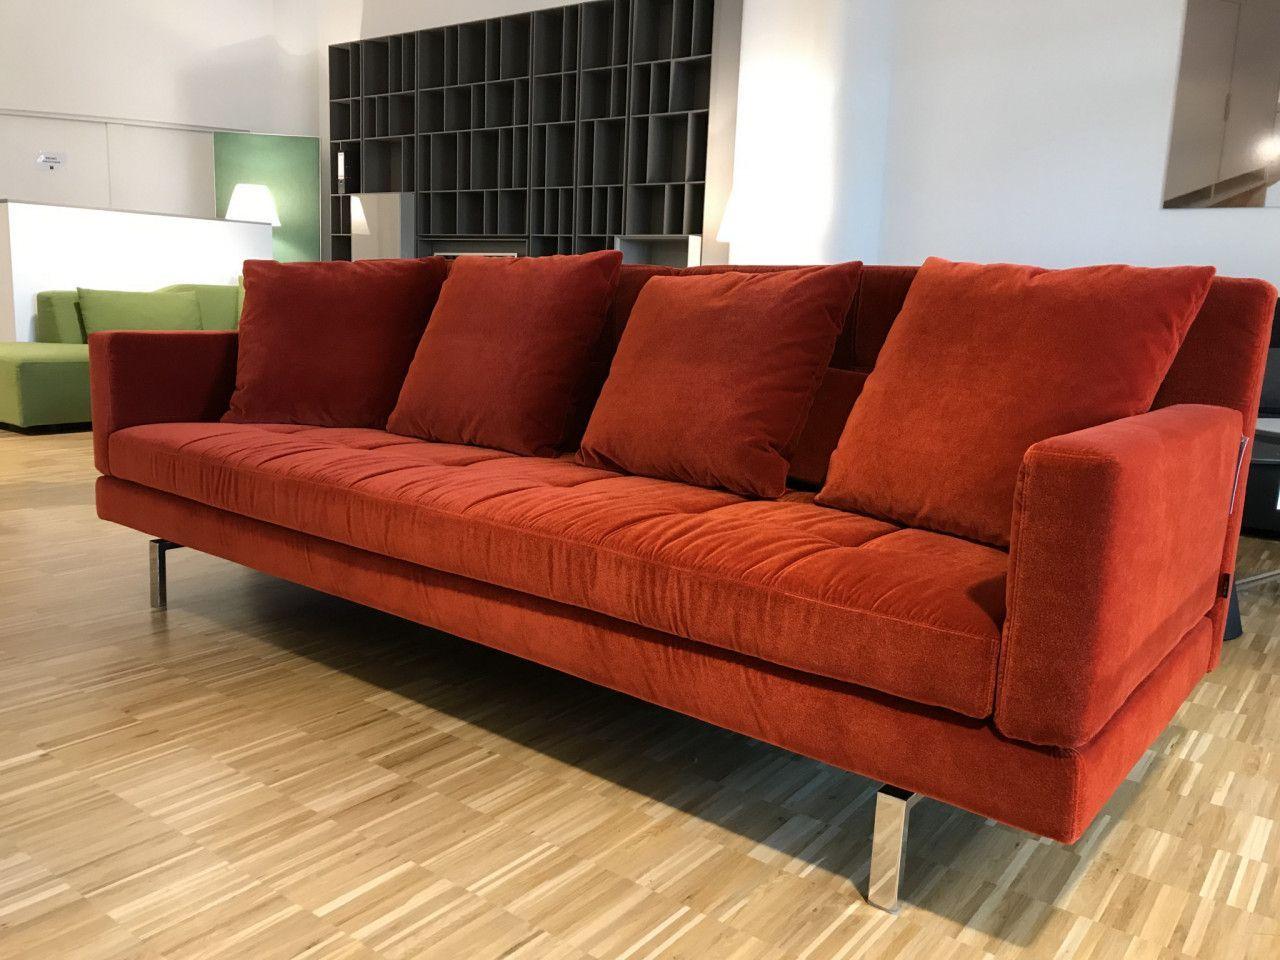 Full Size of Sofa Amber Von Brhl Couch Stoff Samt Velours Orange Wohnlandschaft 2 Sitzer Mit Relaxfunktion 3 Kleines Impressionen Wildleder Kaufen Günstig Schlaf Big Leder Sofa Sofa Stoff